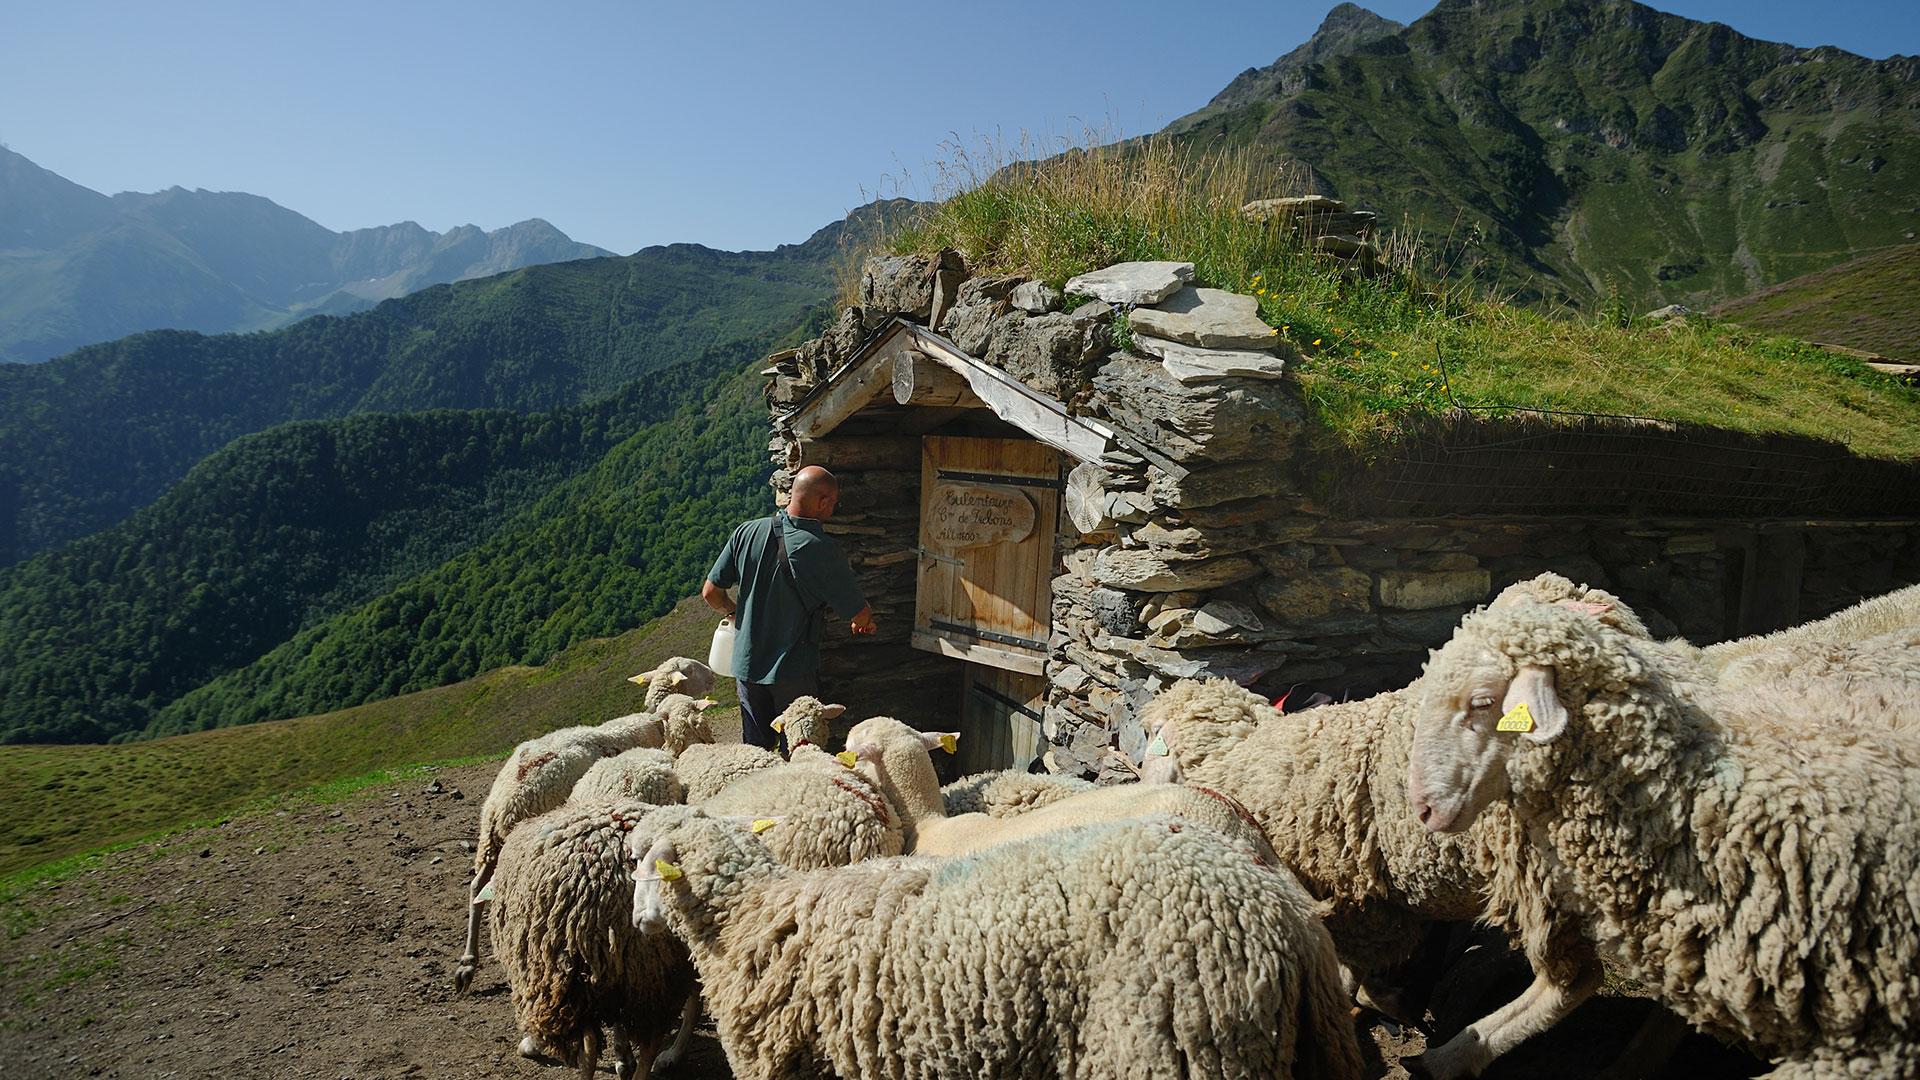 vie d'estive, berger et mouton